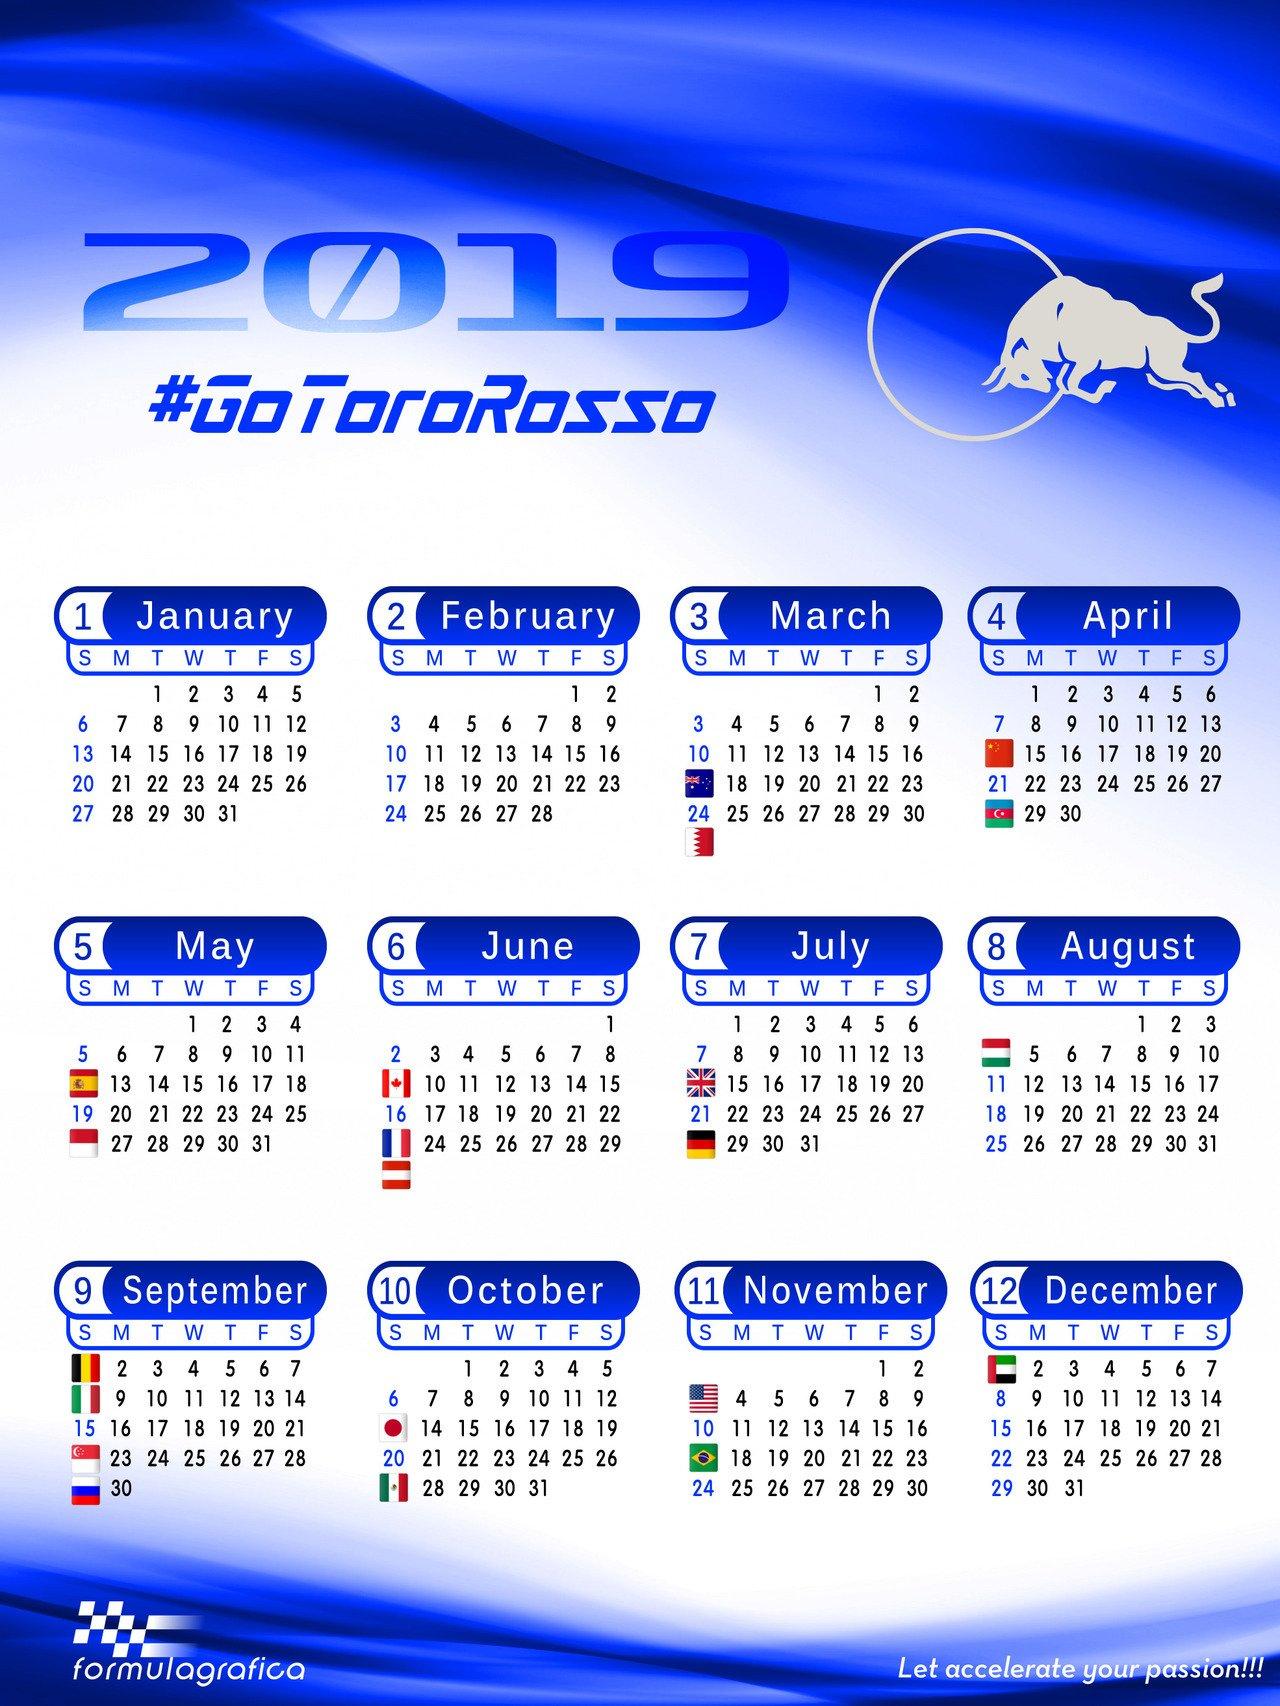 Formulagrafica — Calendar – 2019 Formula 1 Season – Scuderia Toro Formula 1 Calendar 2019 Tickets